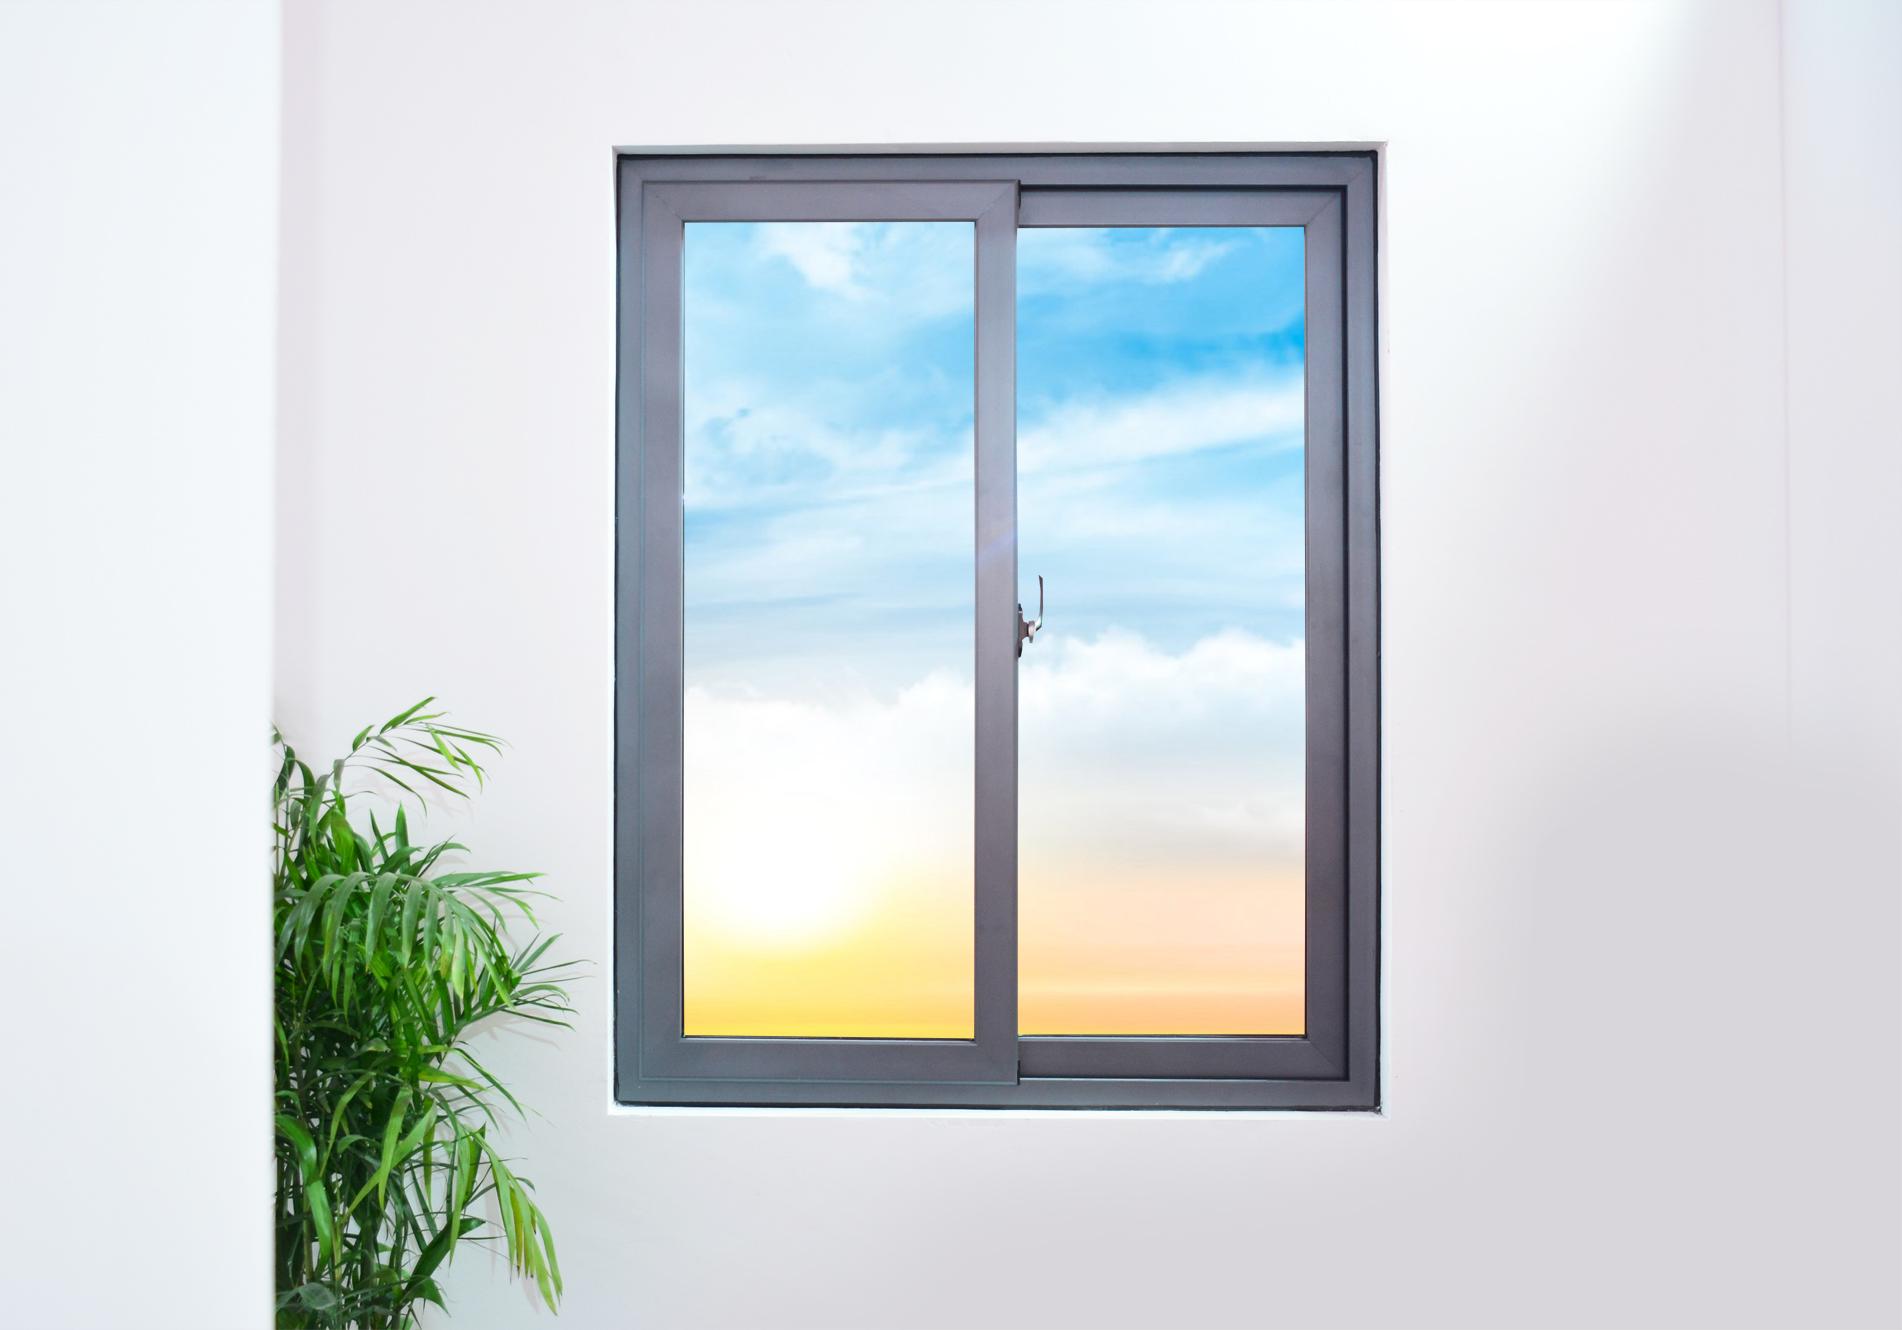 Cửa sổ nhôm kính trượt thiết kế sang trọng cho mọi căn nhà